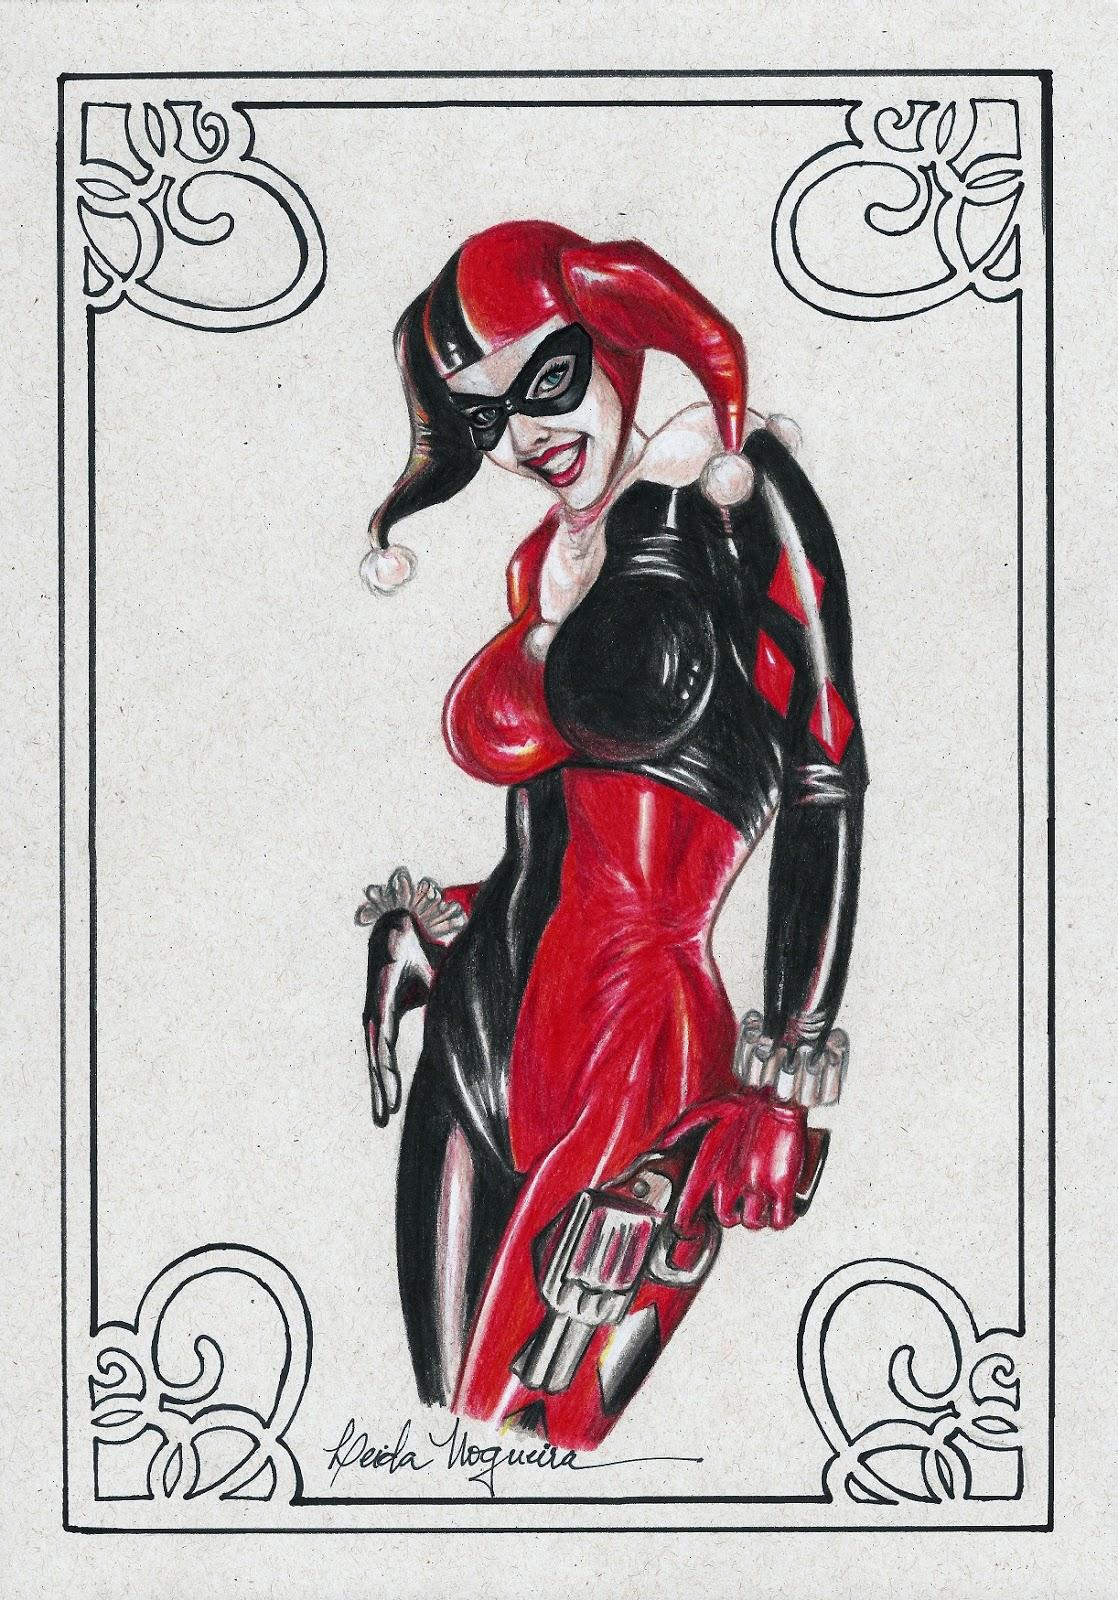 http://3.bp.blogspot.com/-HSQsQsWAMm8/UPc9JAS4k5I/AAAAAAAAFhM/2aZZqsXoo0M/s1600/Harley+Quinn_by_leidanogueira_EBAY.jpg